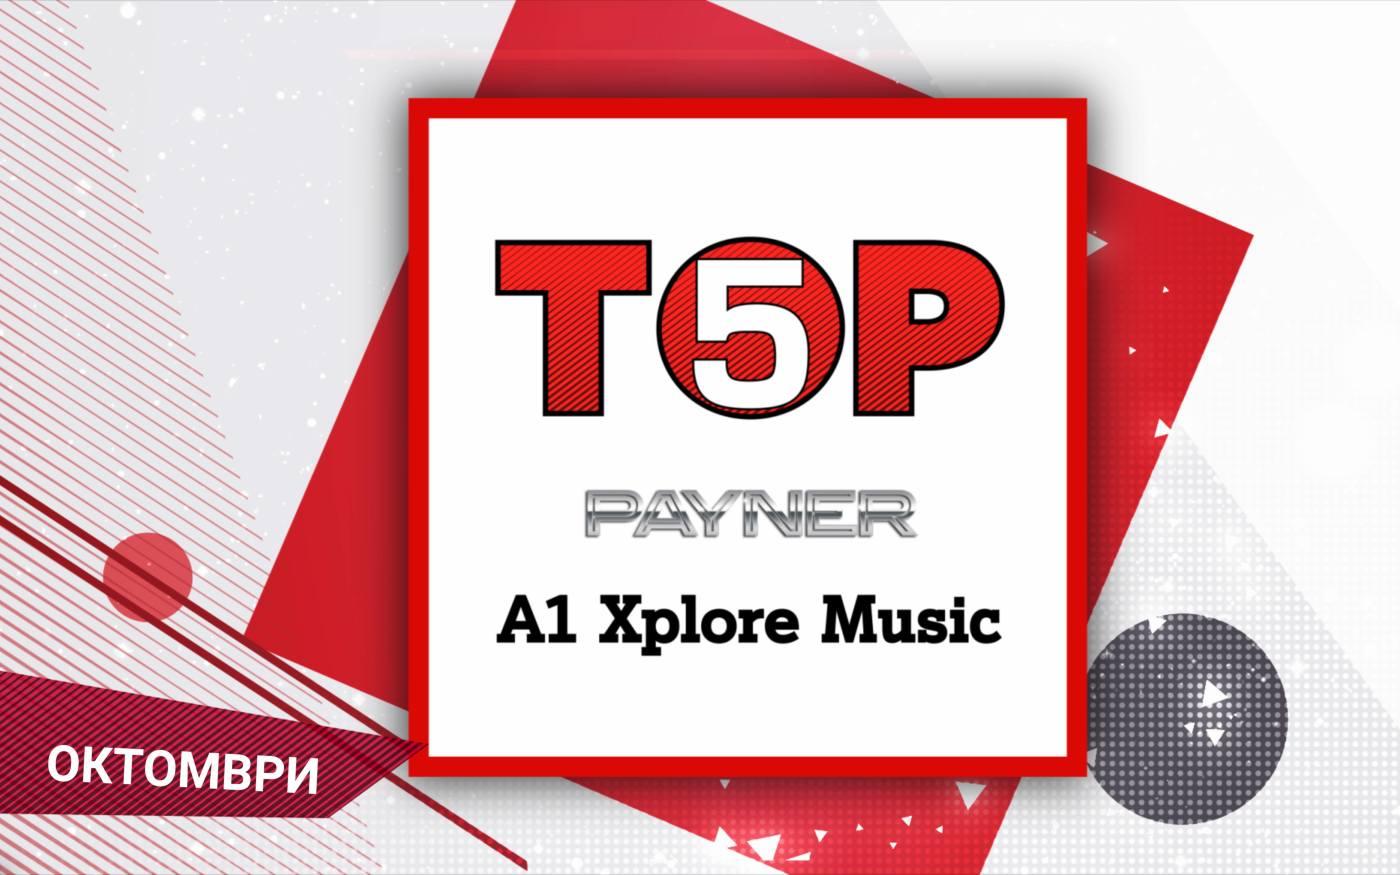 """Най-слушаните песни на """"Пайнер"""" в A1 Xplore Music"""